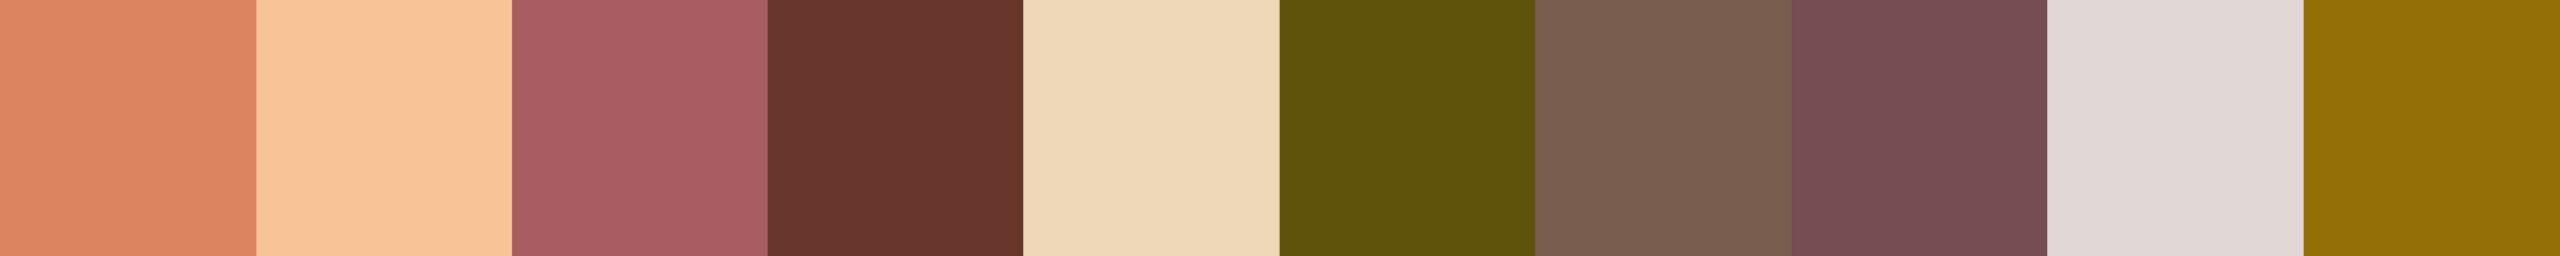 407 Kaldan Color Palette